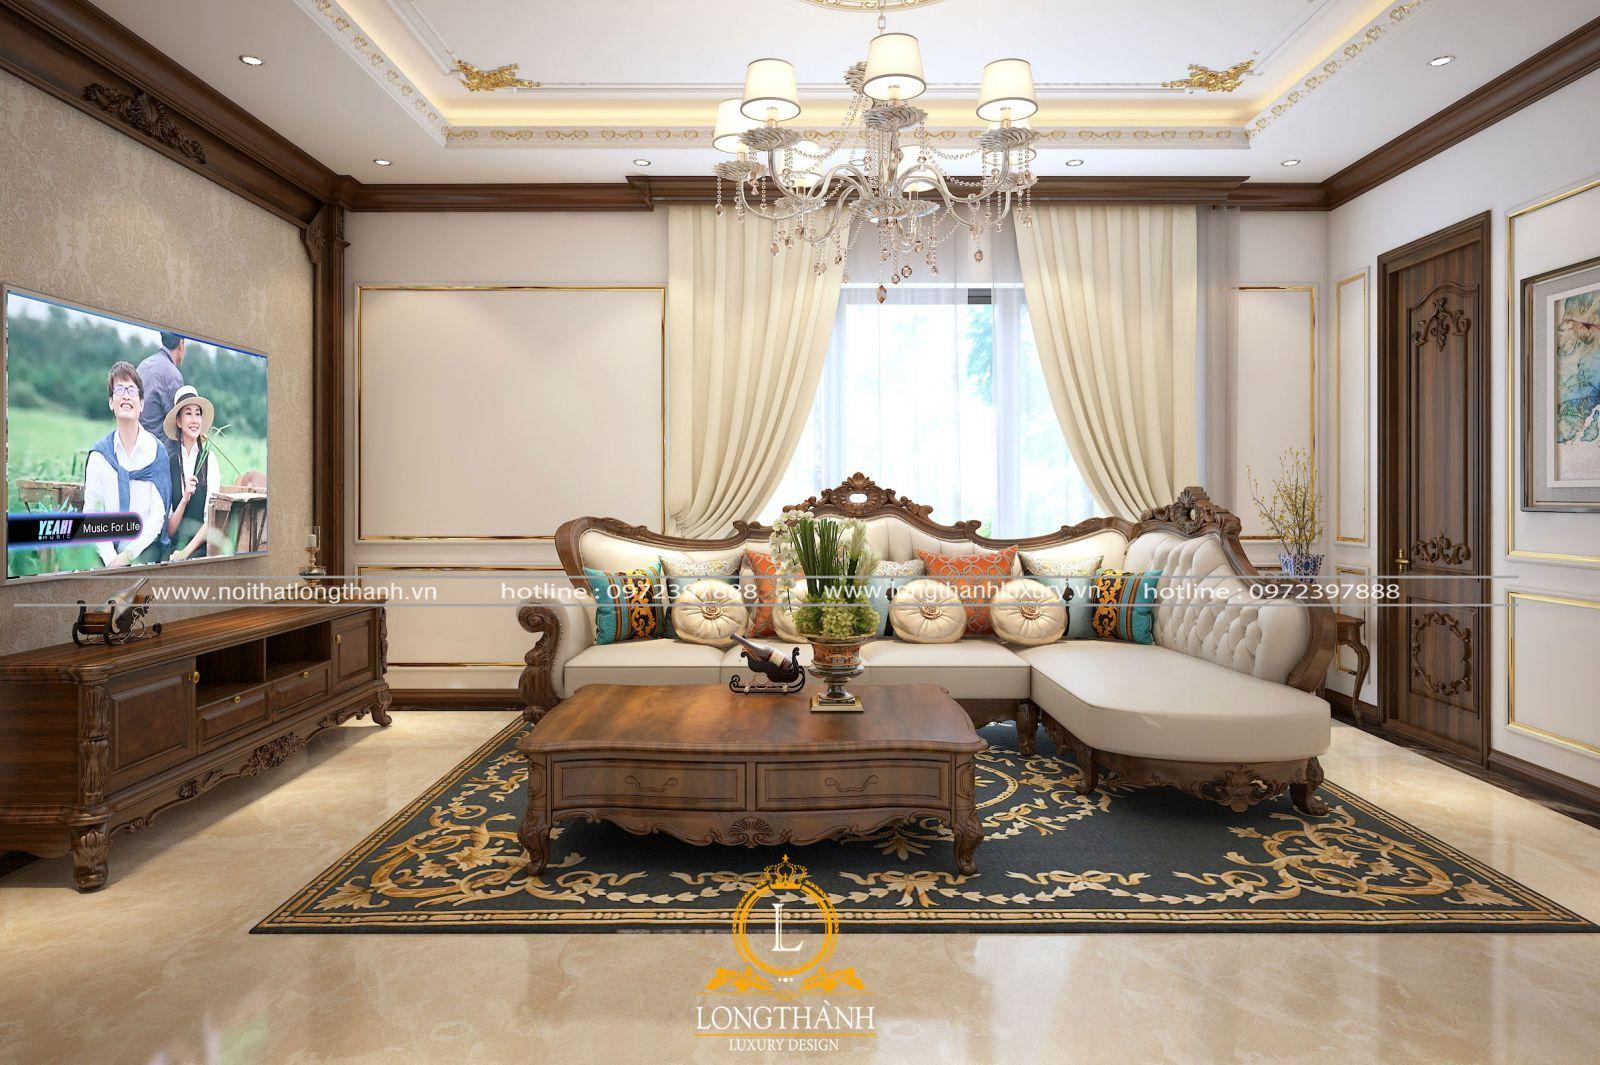 Sự kết hợp màu sắc cho nội thất tân cổ điển phòng khách sang trọng